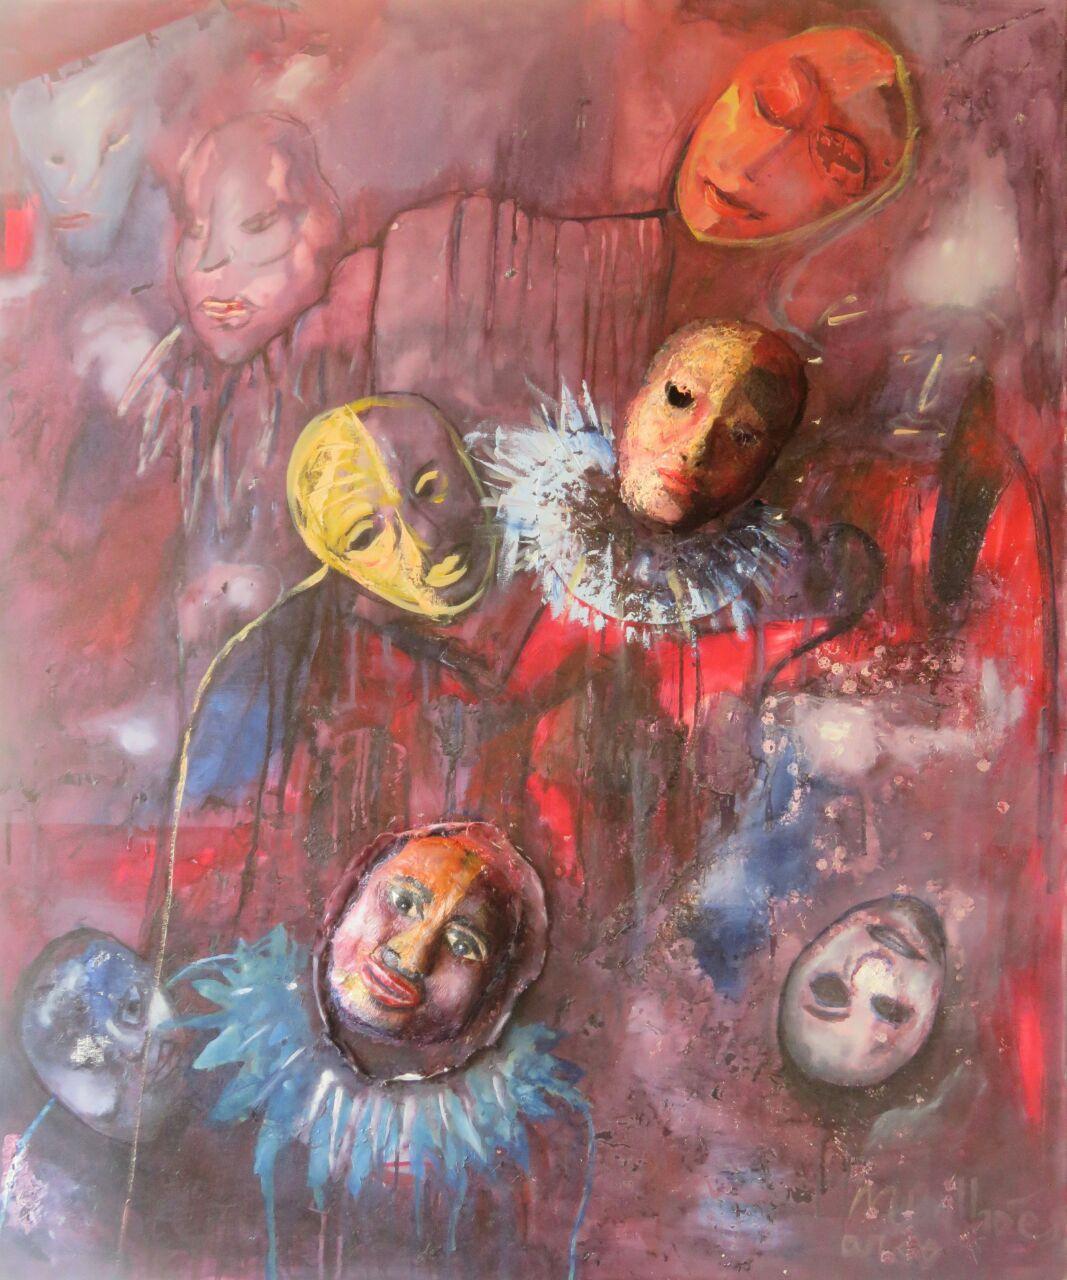 Rostos Ocultos por Marco Bulhões